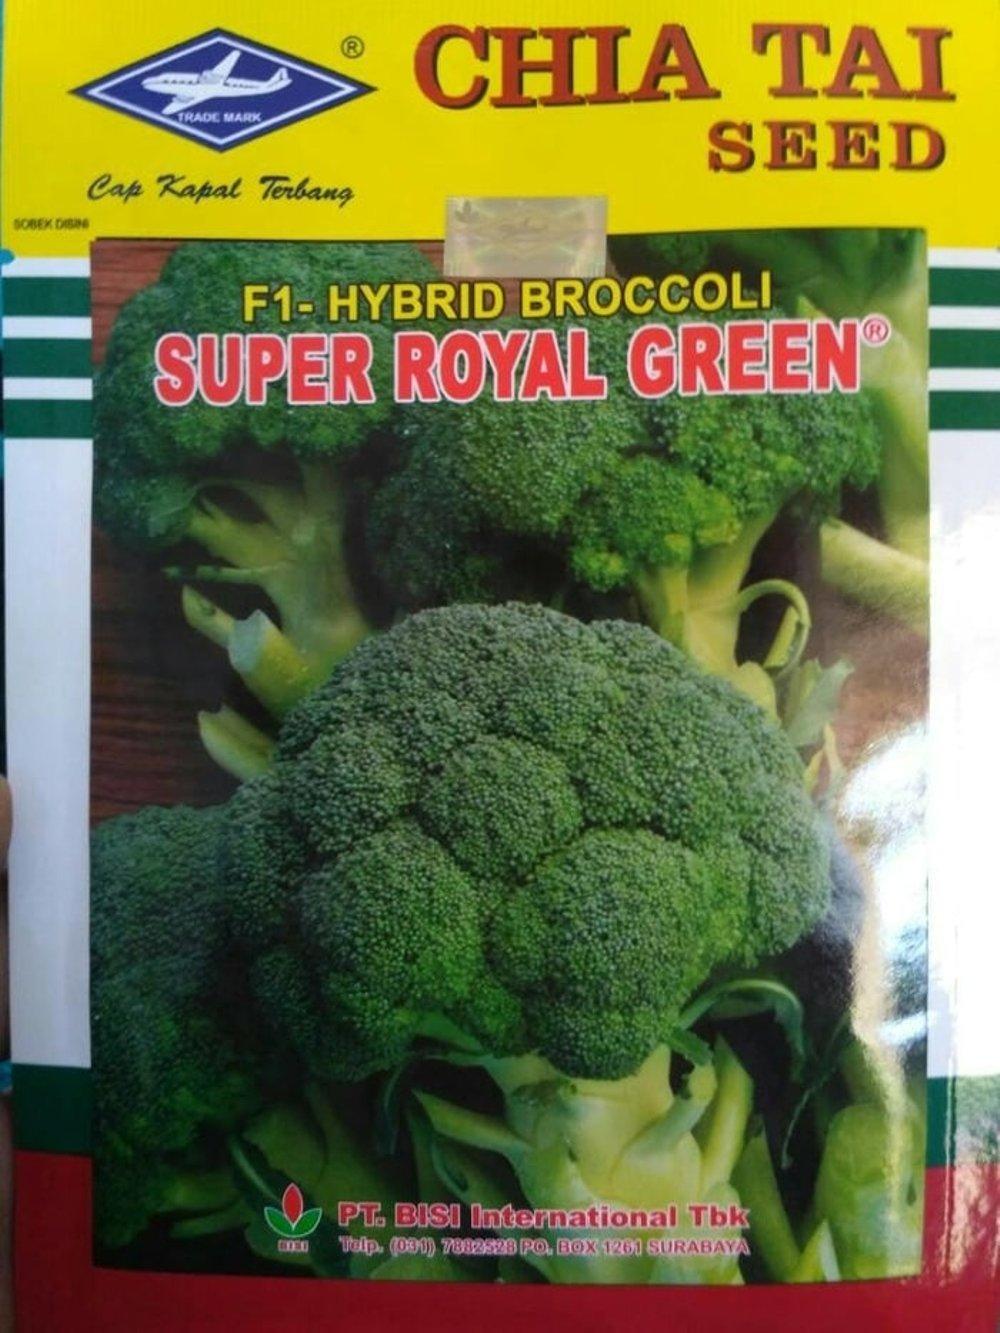 6 Metode Menanam Brokoli Dengan System Hidroponik Rockwoll Sumber Plastik